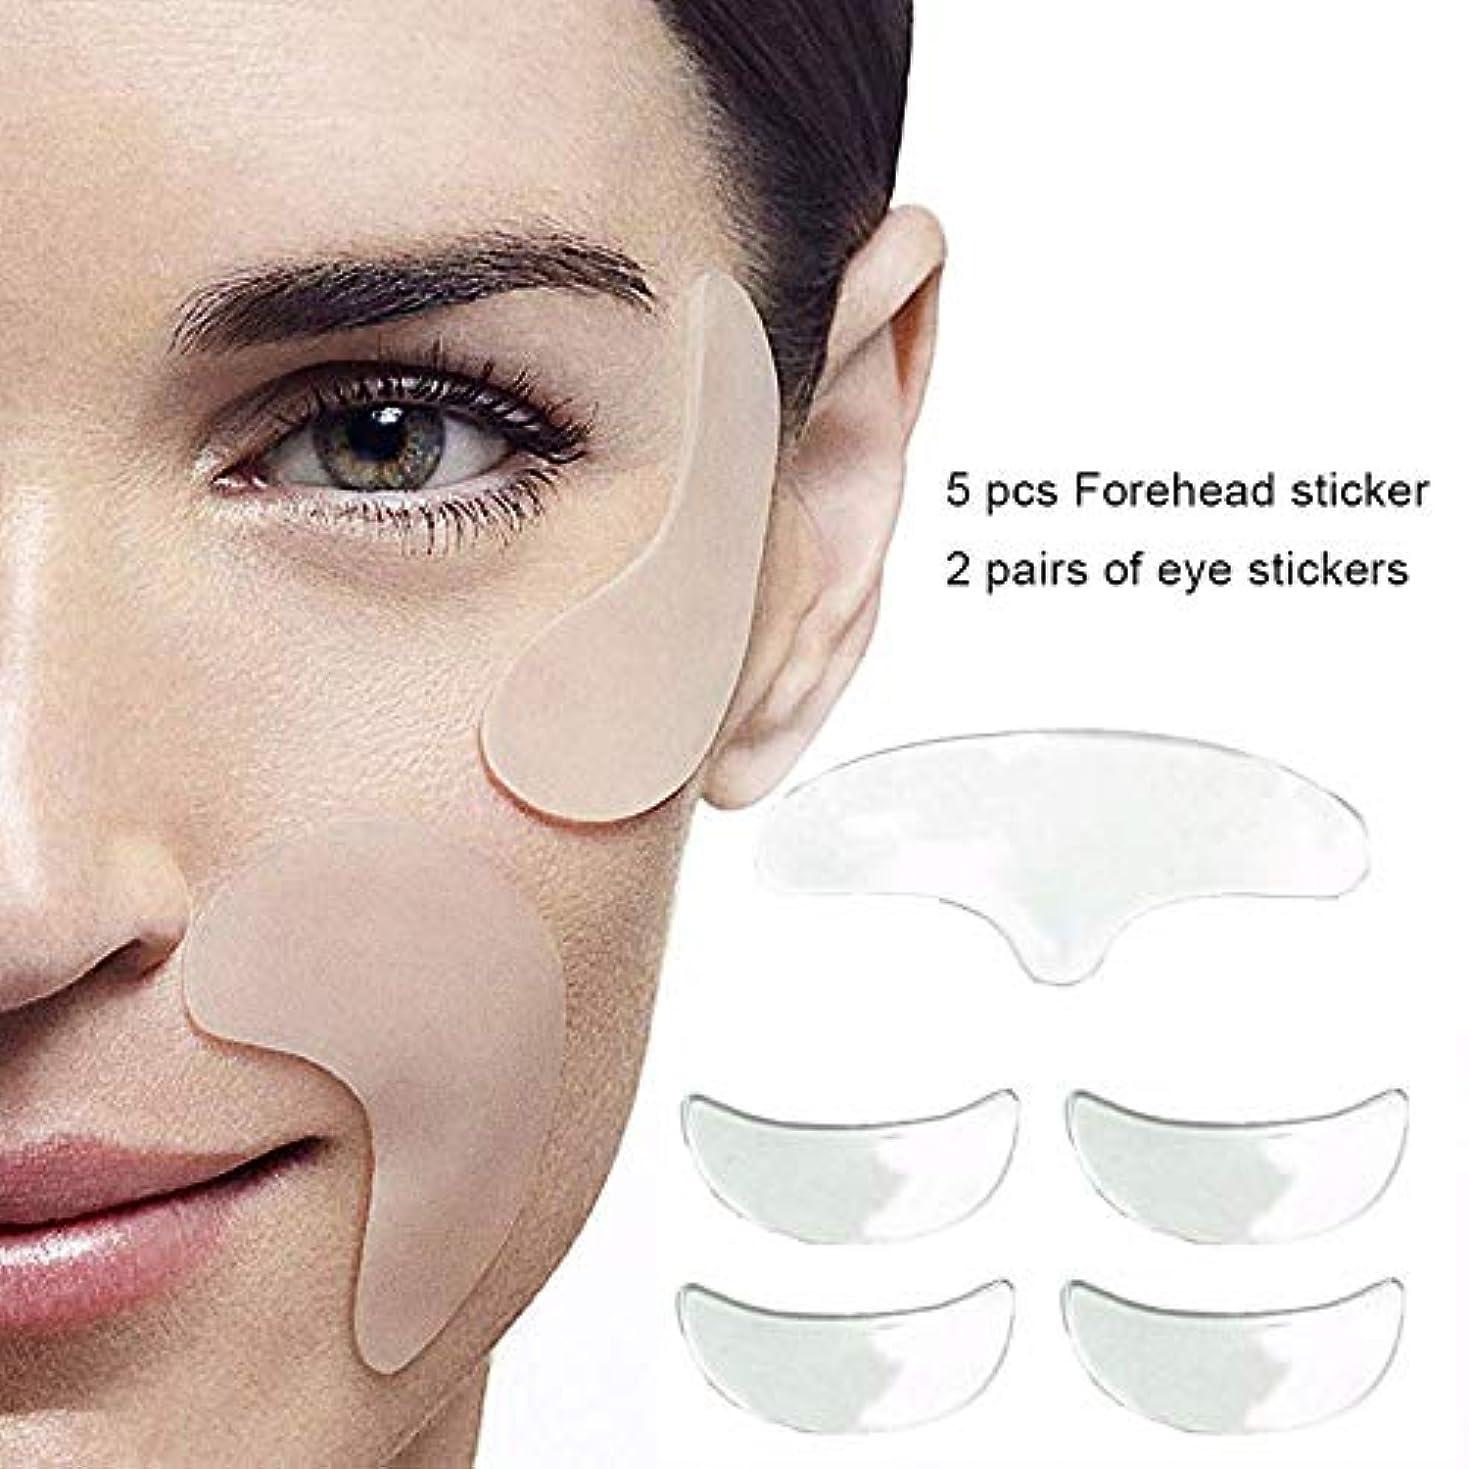 ツーリスト頑丈忌み嫌うRabugoo 女性のアンチリンクルアイフェイスパッド再使用可能なシリコーンインビジブルフェイスパッドアンチエイジング防止顔のしわ